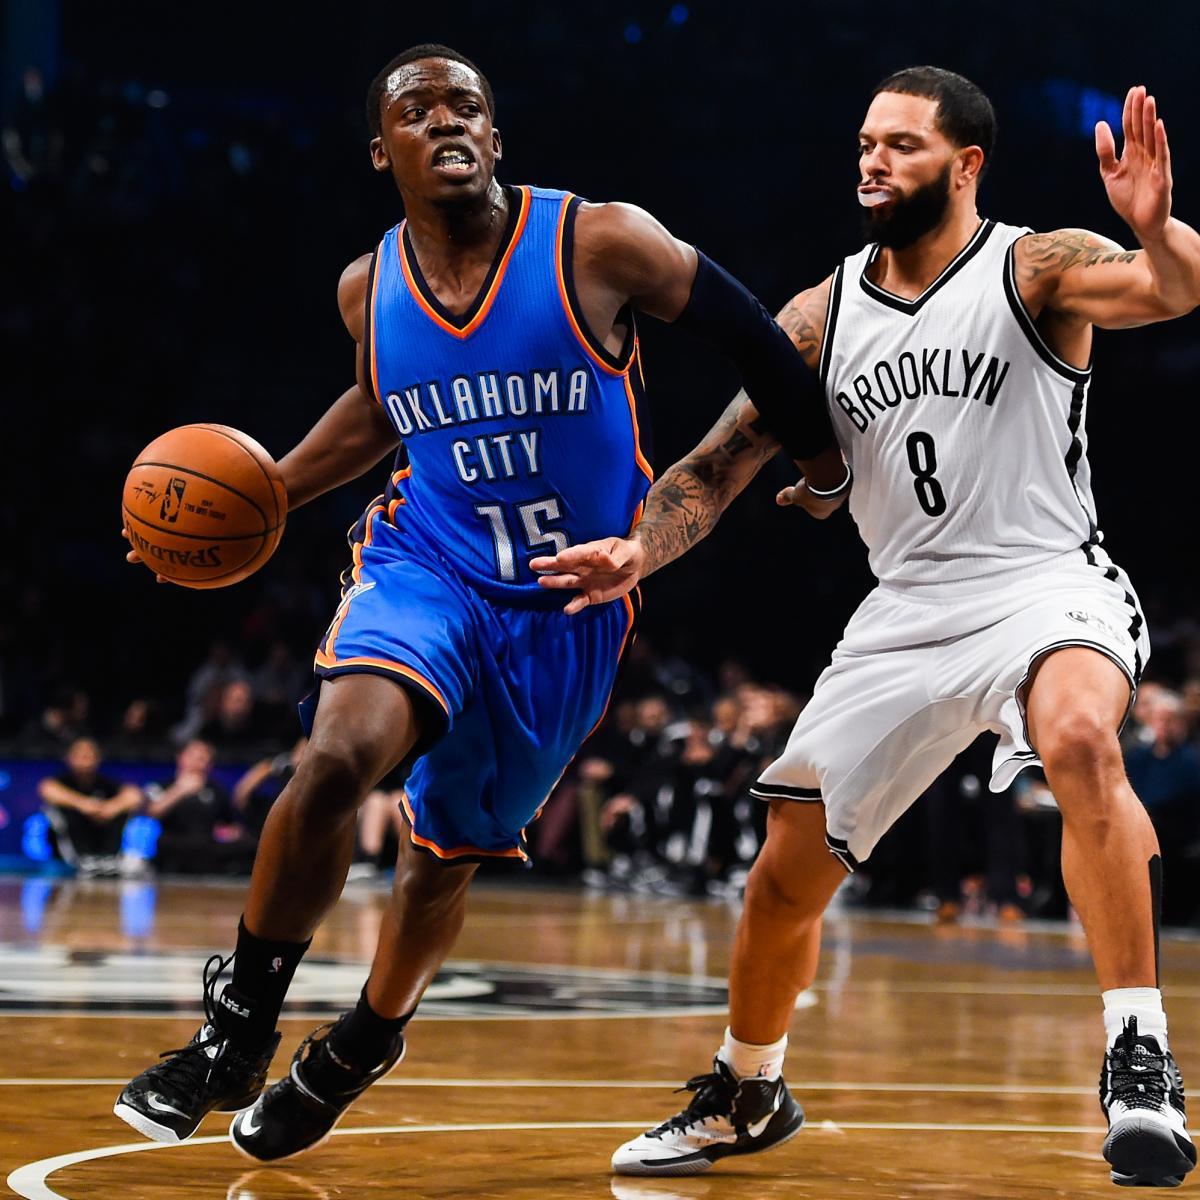 Brooklyn Nets Vs. Oklahoma City Thunder: Live Score